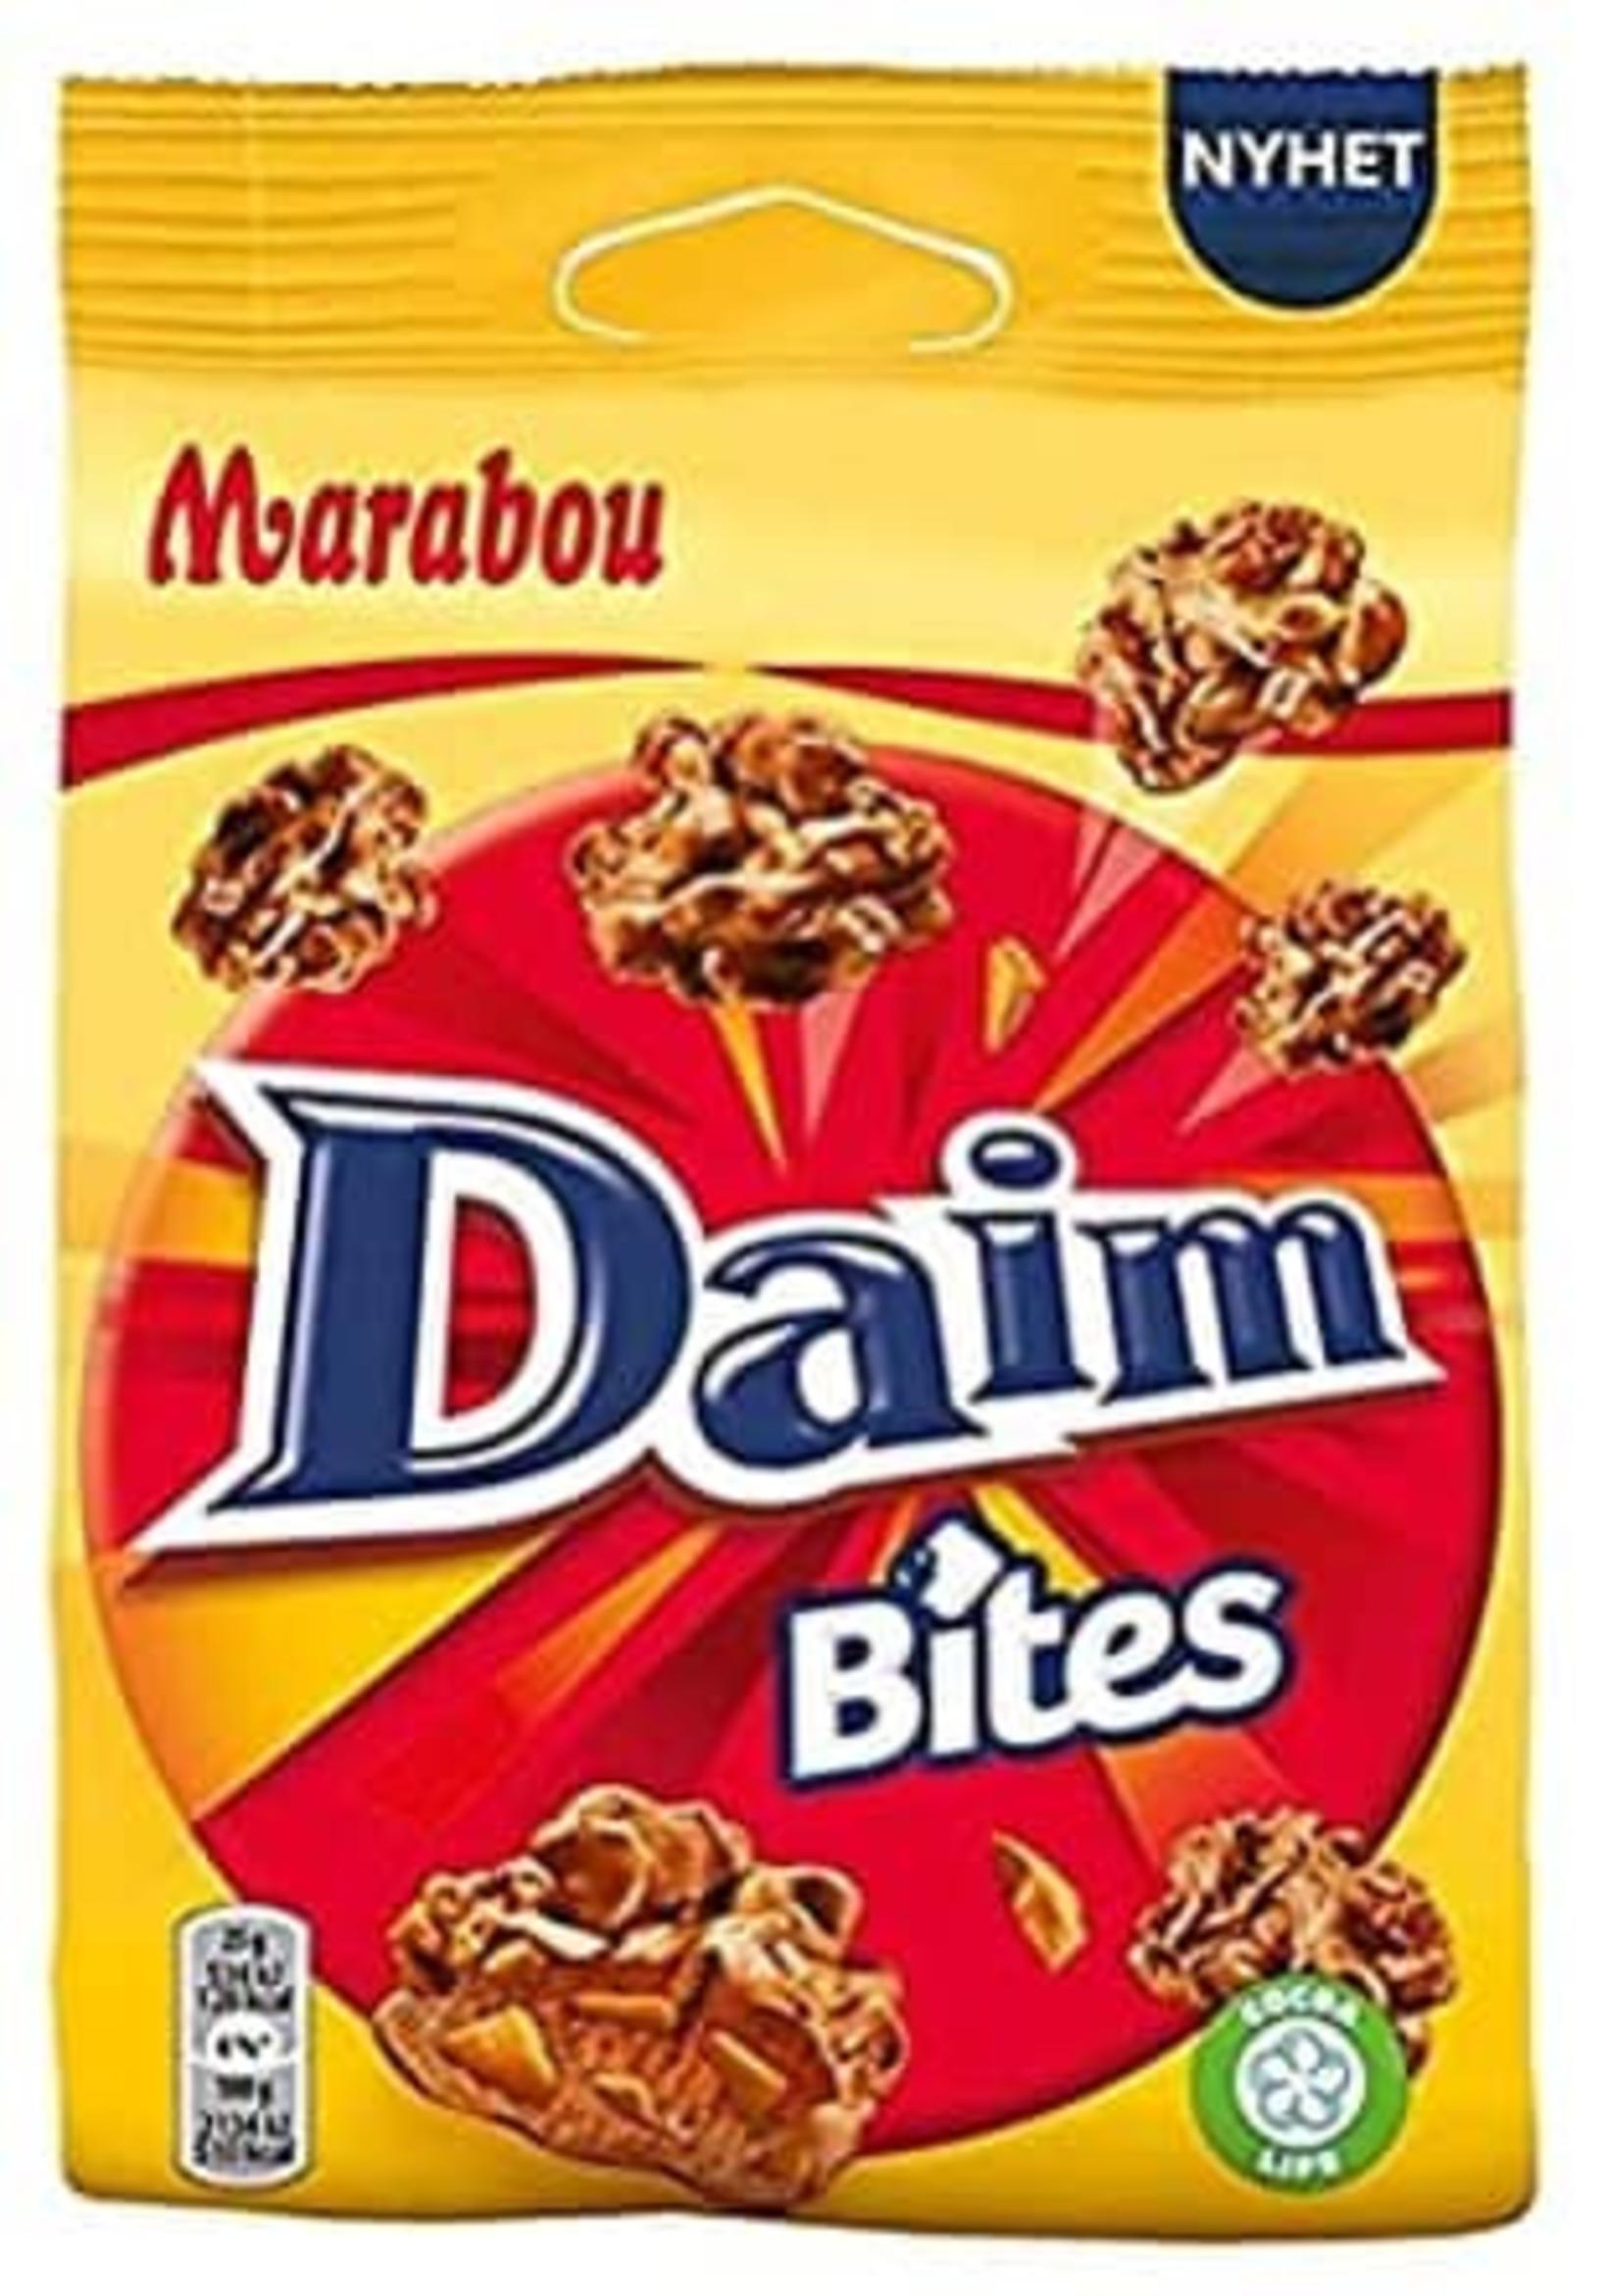 Íslendngar eru margir sammála því að Daim Bites, hið sænska …